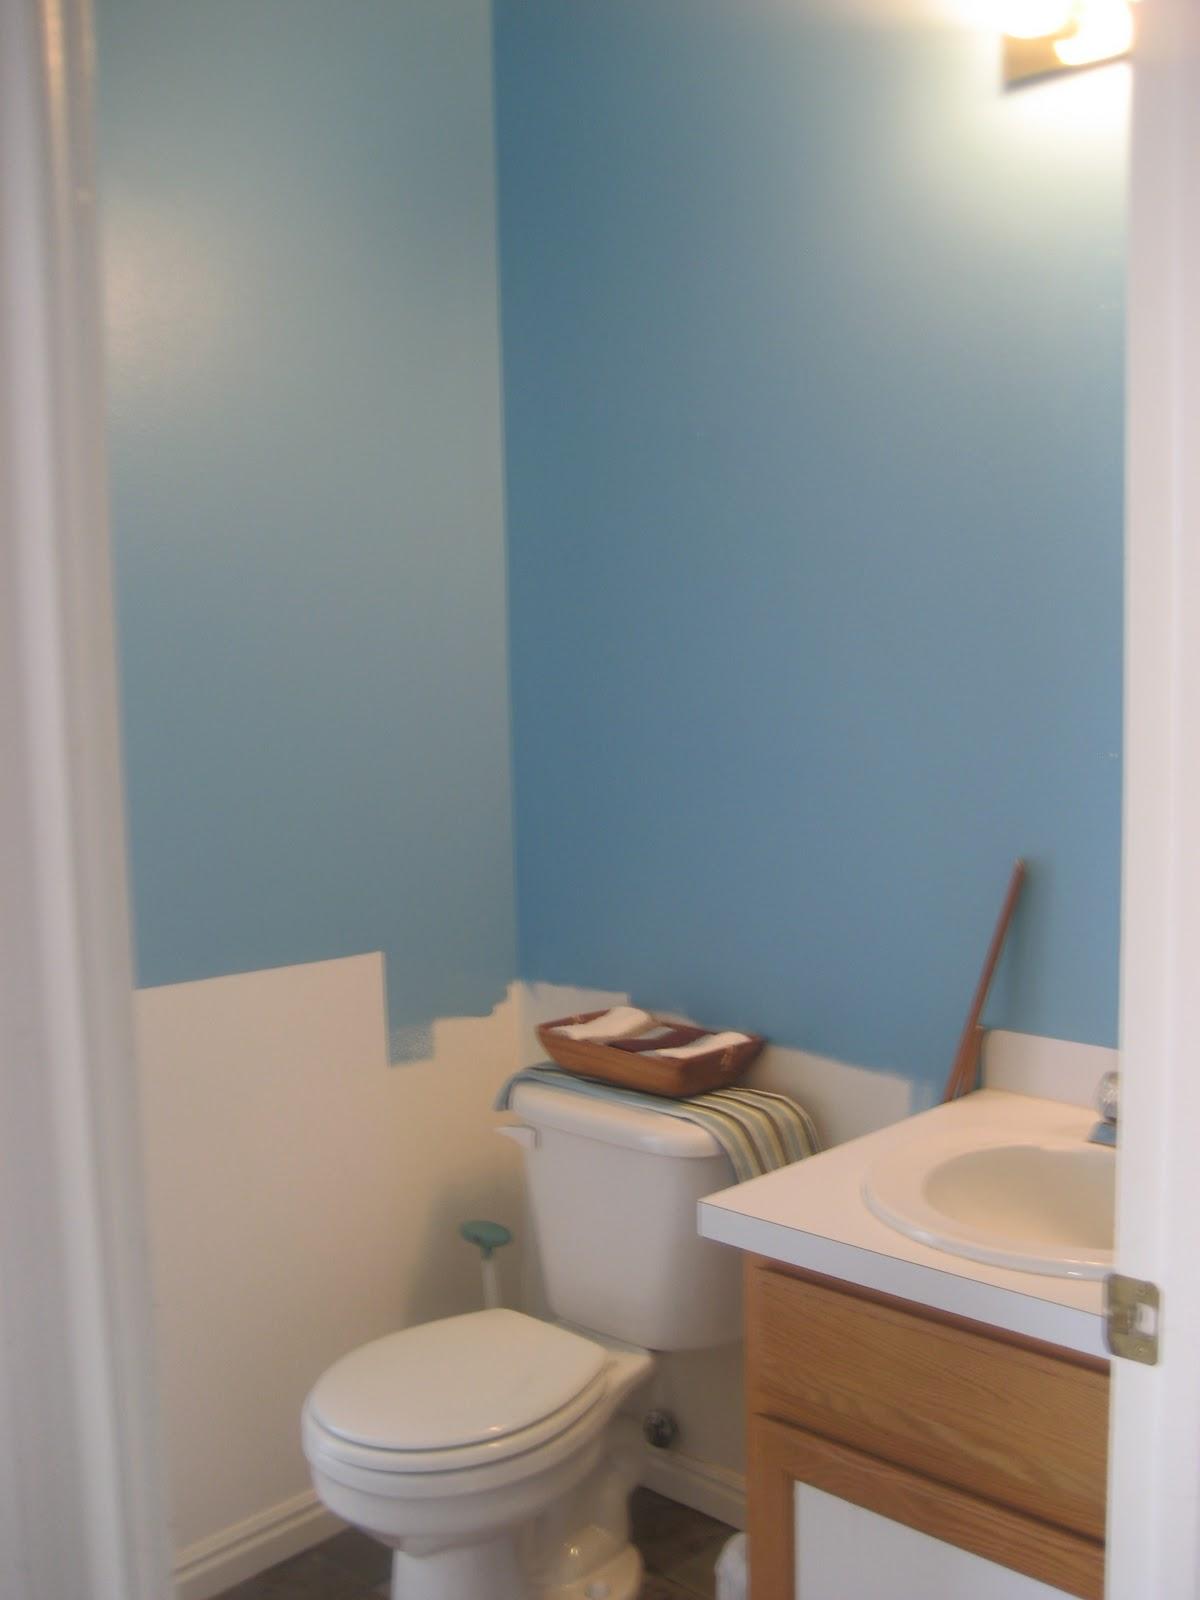 http://1.bp.blogspot.com/-RdmENSTuGl8/TV7J5qi4tsI/AAAAAAAABHw/Zcvo_oRJuNk/s1600/Down+Stair+bath+001.JPG